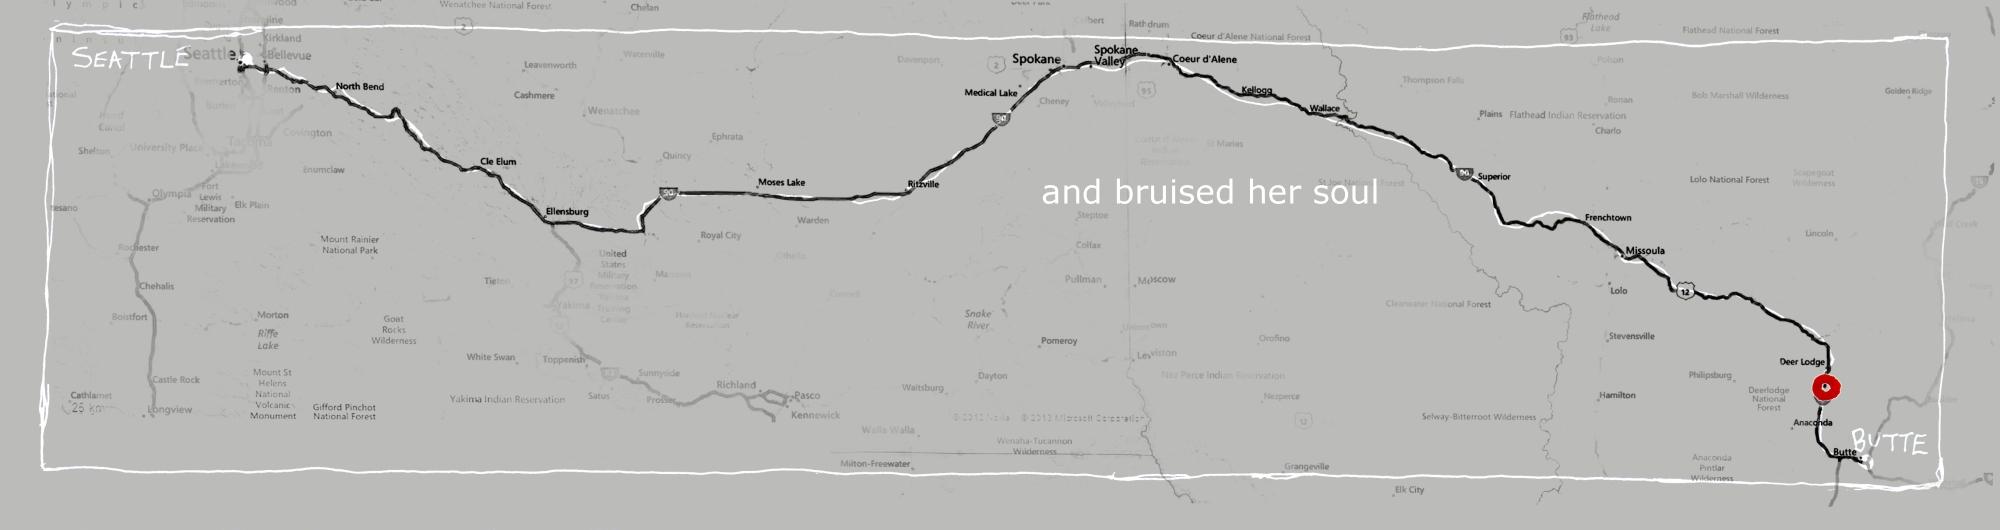 541 map